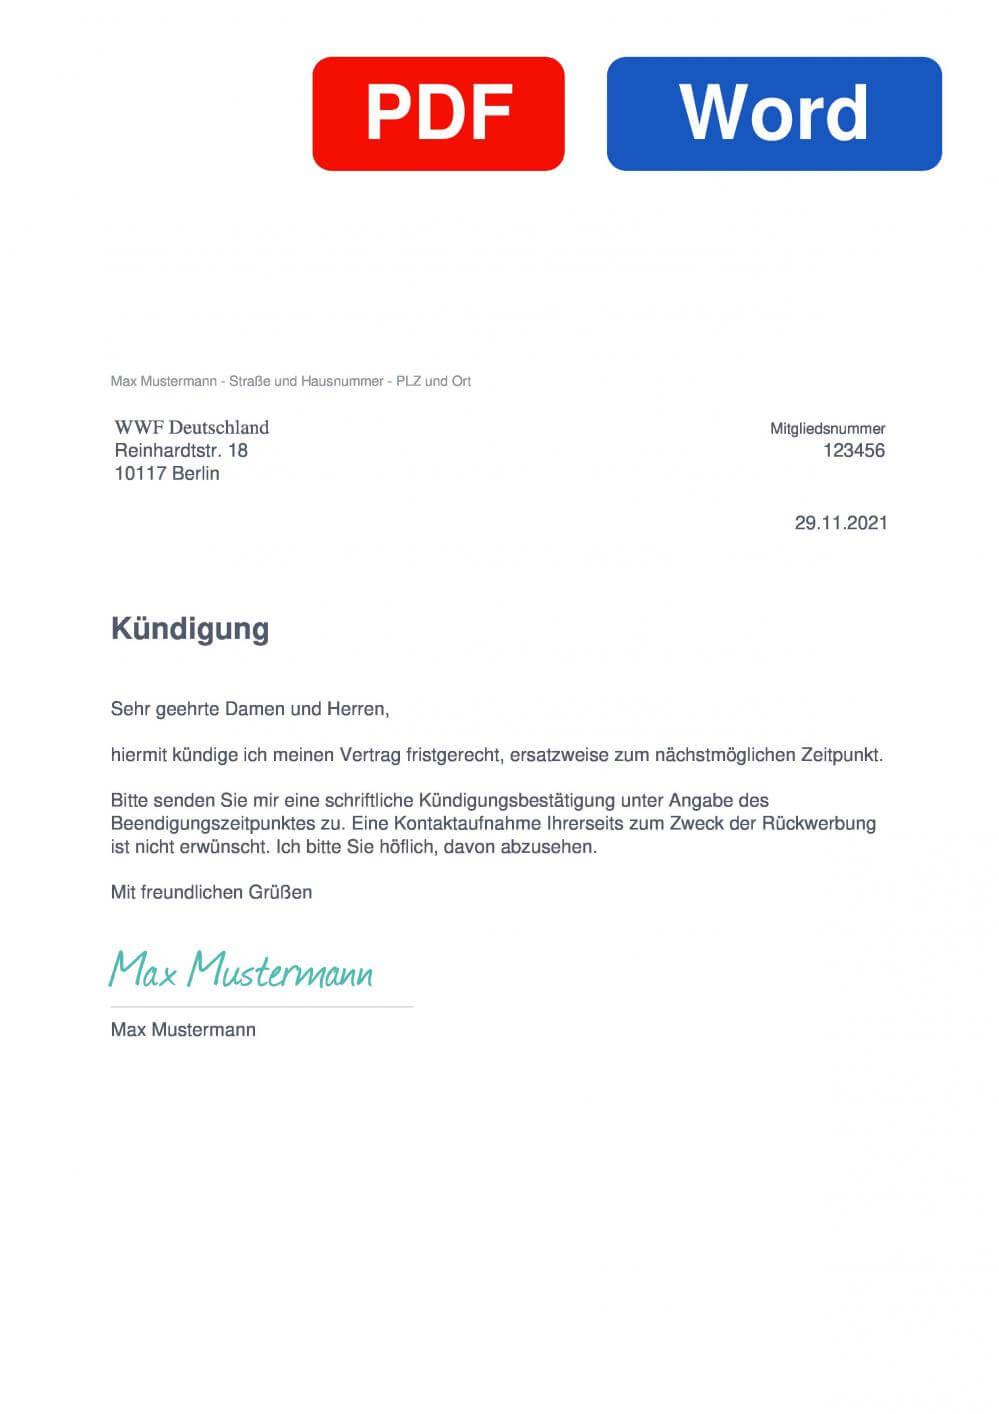 WWF Patenschaft Muster Vorlage für Kündigungsschreiben